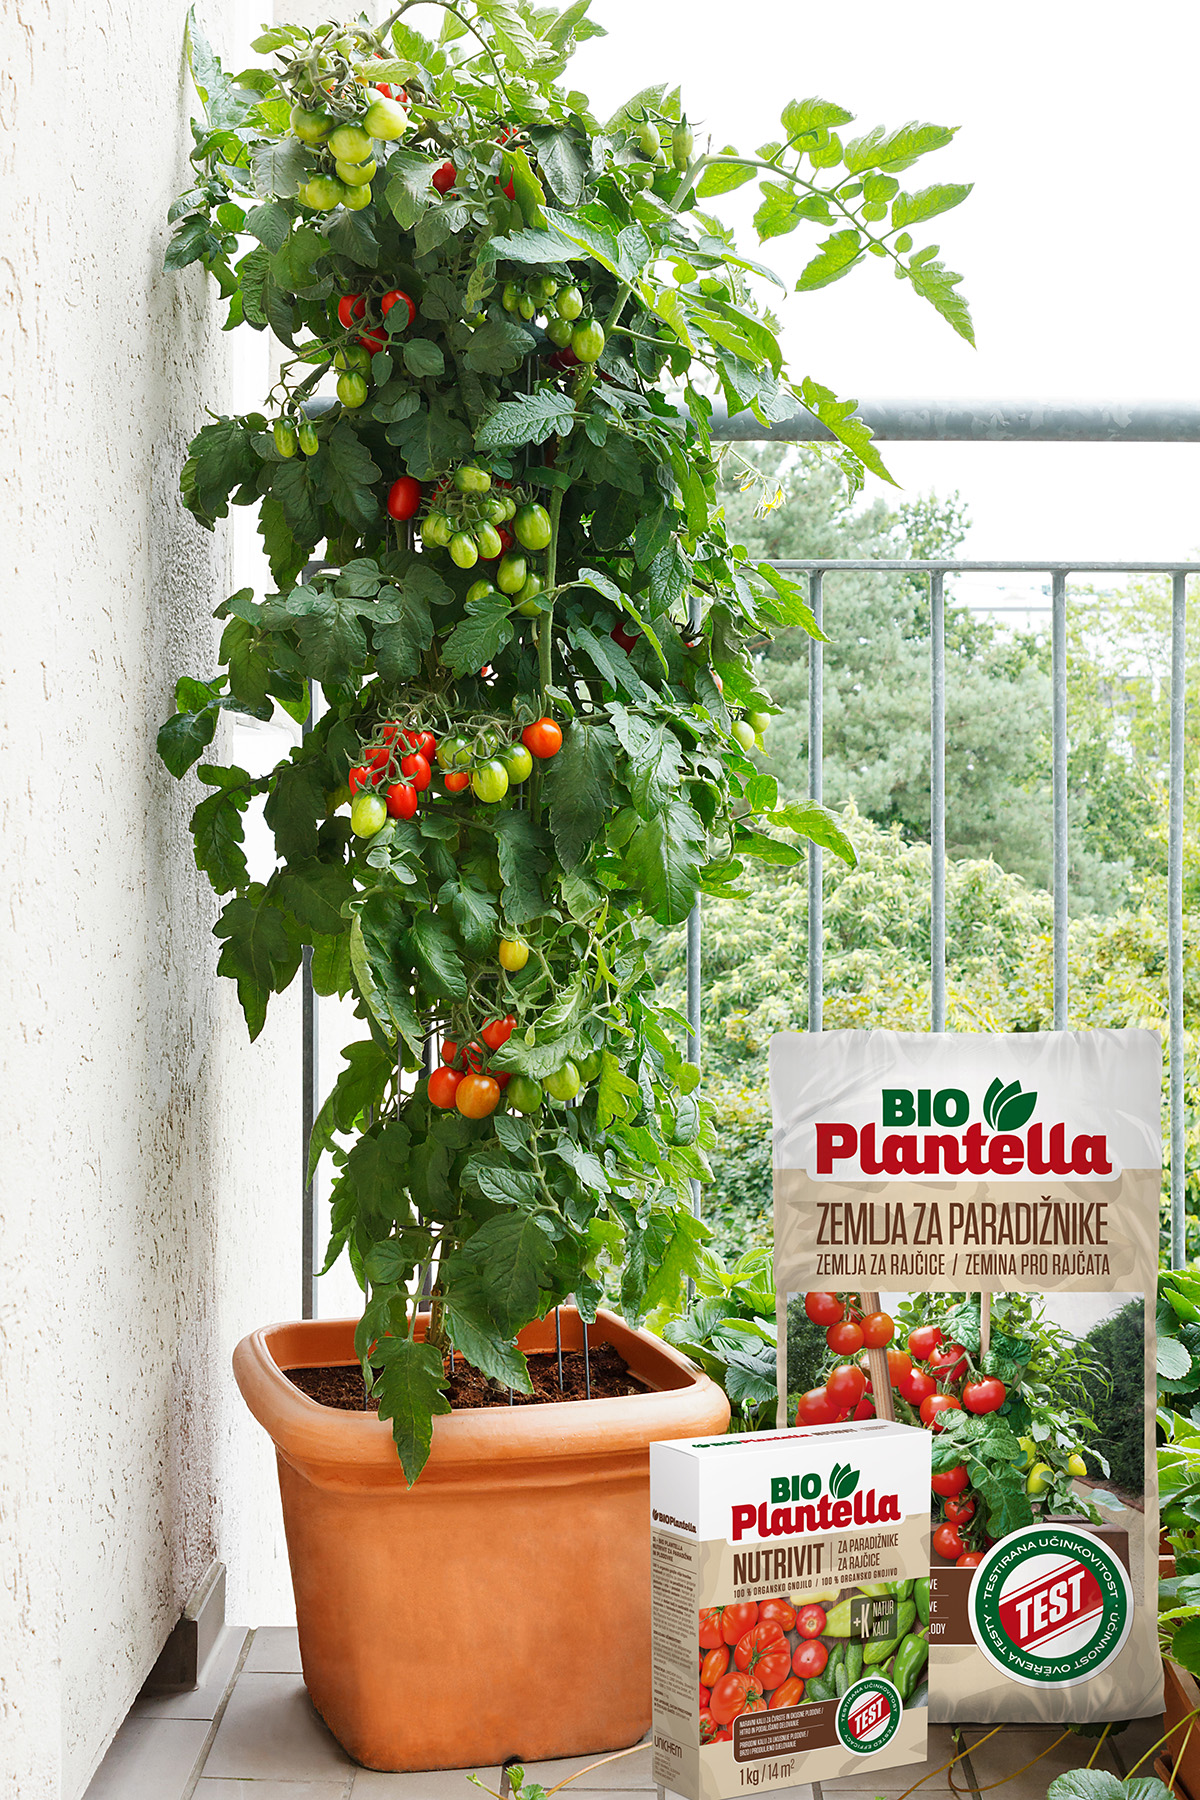 plodovito-povrce-rajcice-u-posudi-sadimo-u-specijalnu-bio-plantella-zemlju-za-rajcice-domnakvadrat